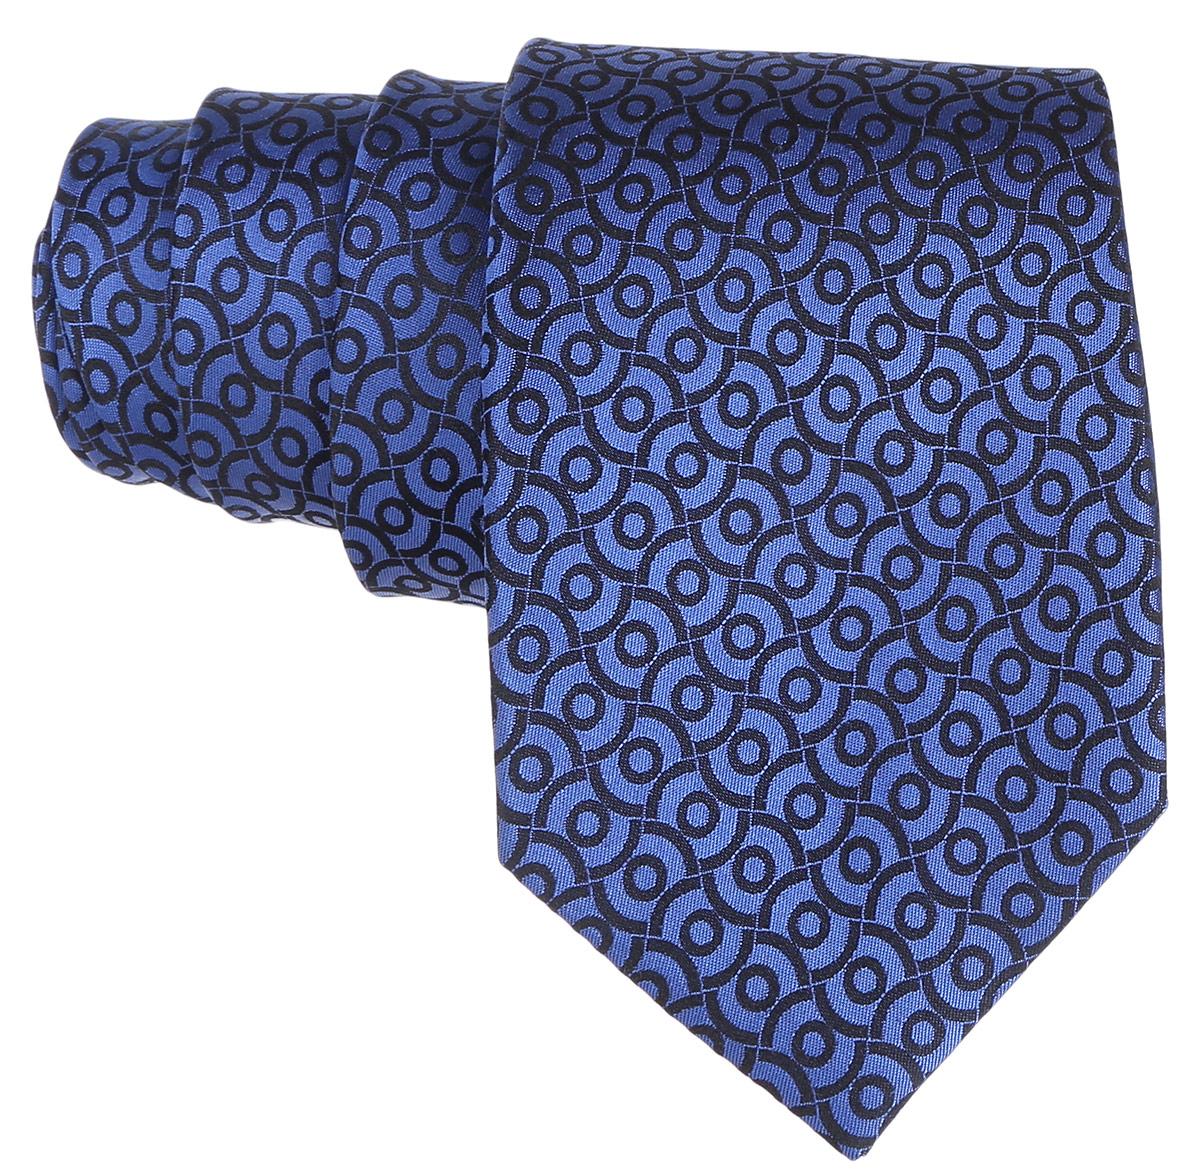 Галстук. 12.01427912.014279Стильный галстук BTC станет отличным завершающим штрихом вашего образа. Этот модный аксессуар порадует вас высоким качеством исполнения и современным дизайном. Изделие полностью выполнено из качественного шелка. Галстук оформлен оригинальным принтом. Такой оригинальный галстук подойдет как к повседневному, так и к официальному наряду, он позволит вам подчеркнуть свою индивидуальность и создать свой неповторимый стиль.